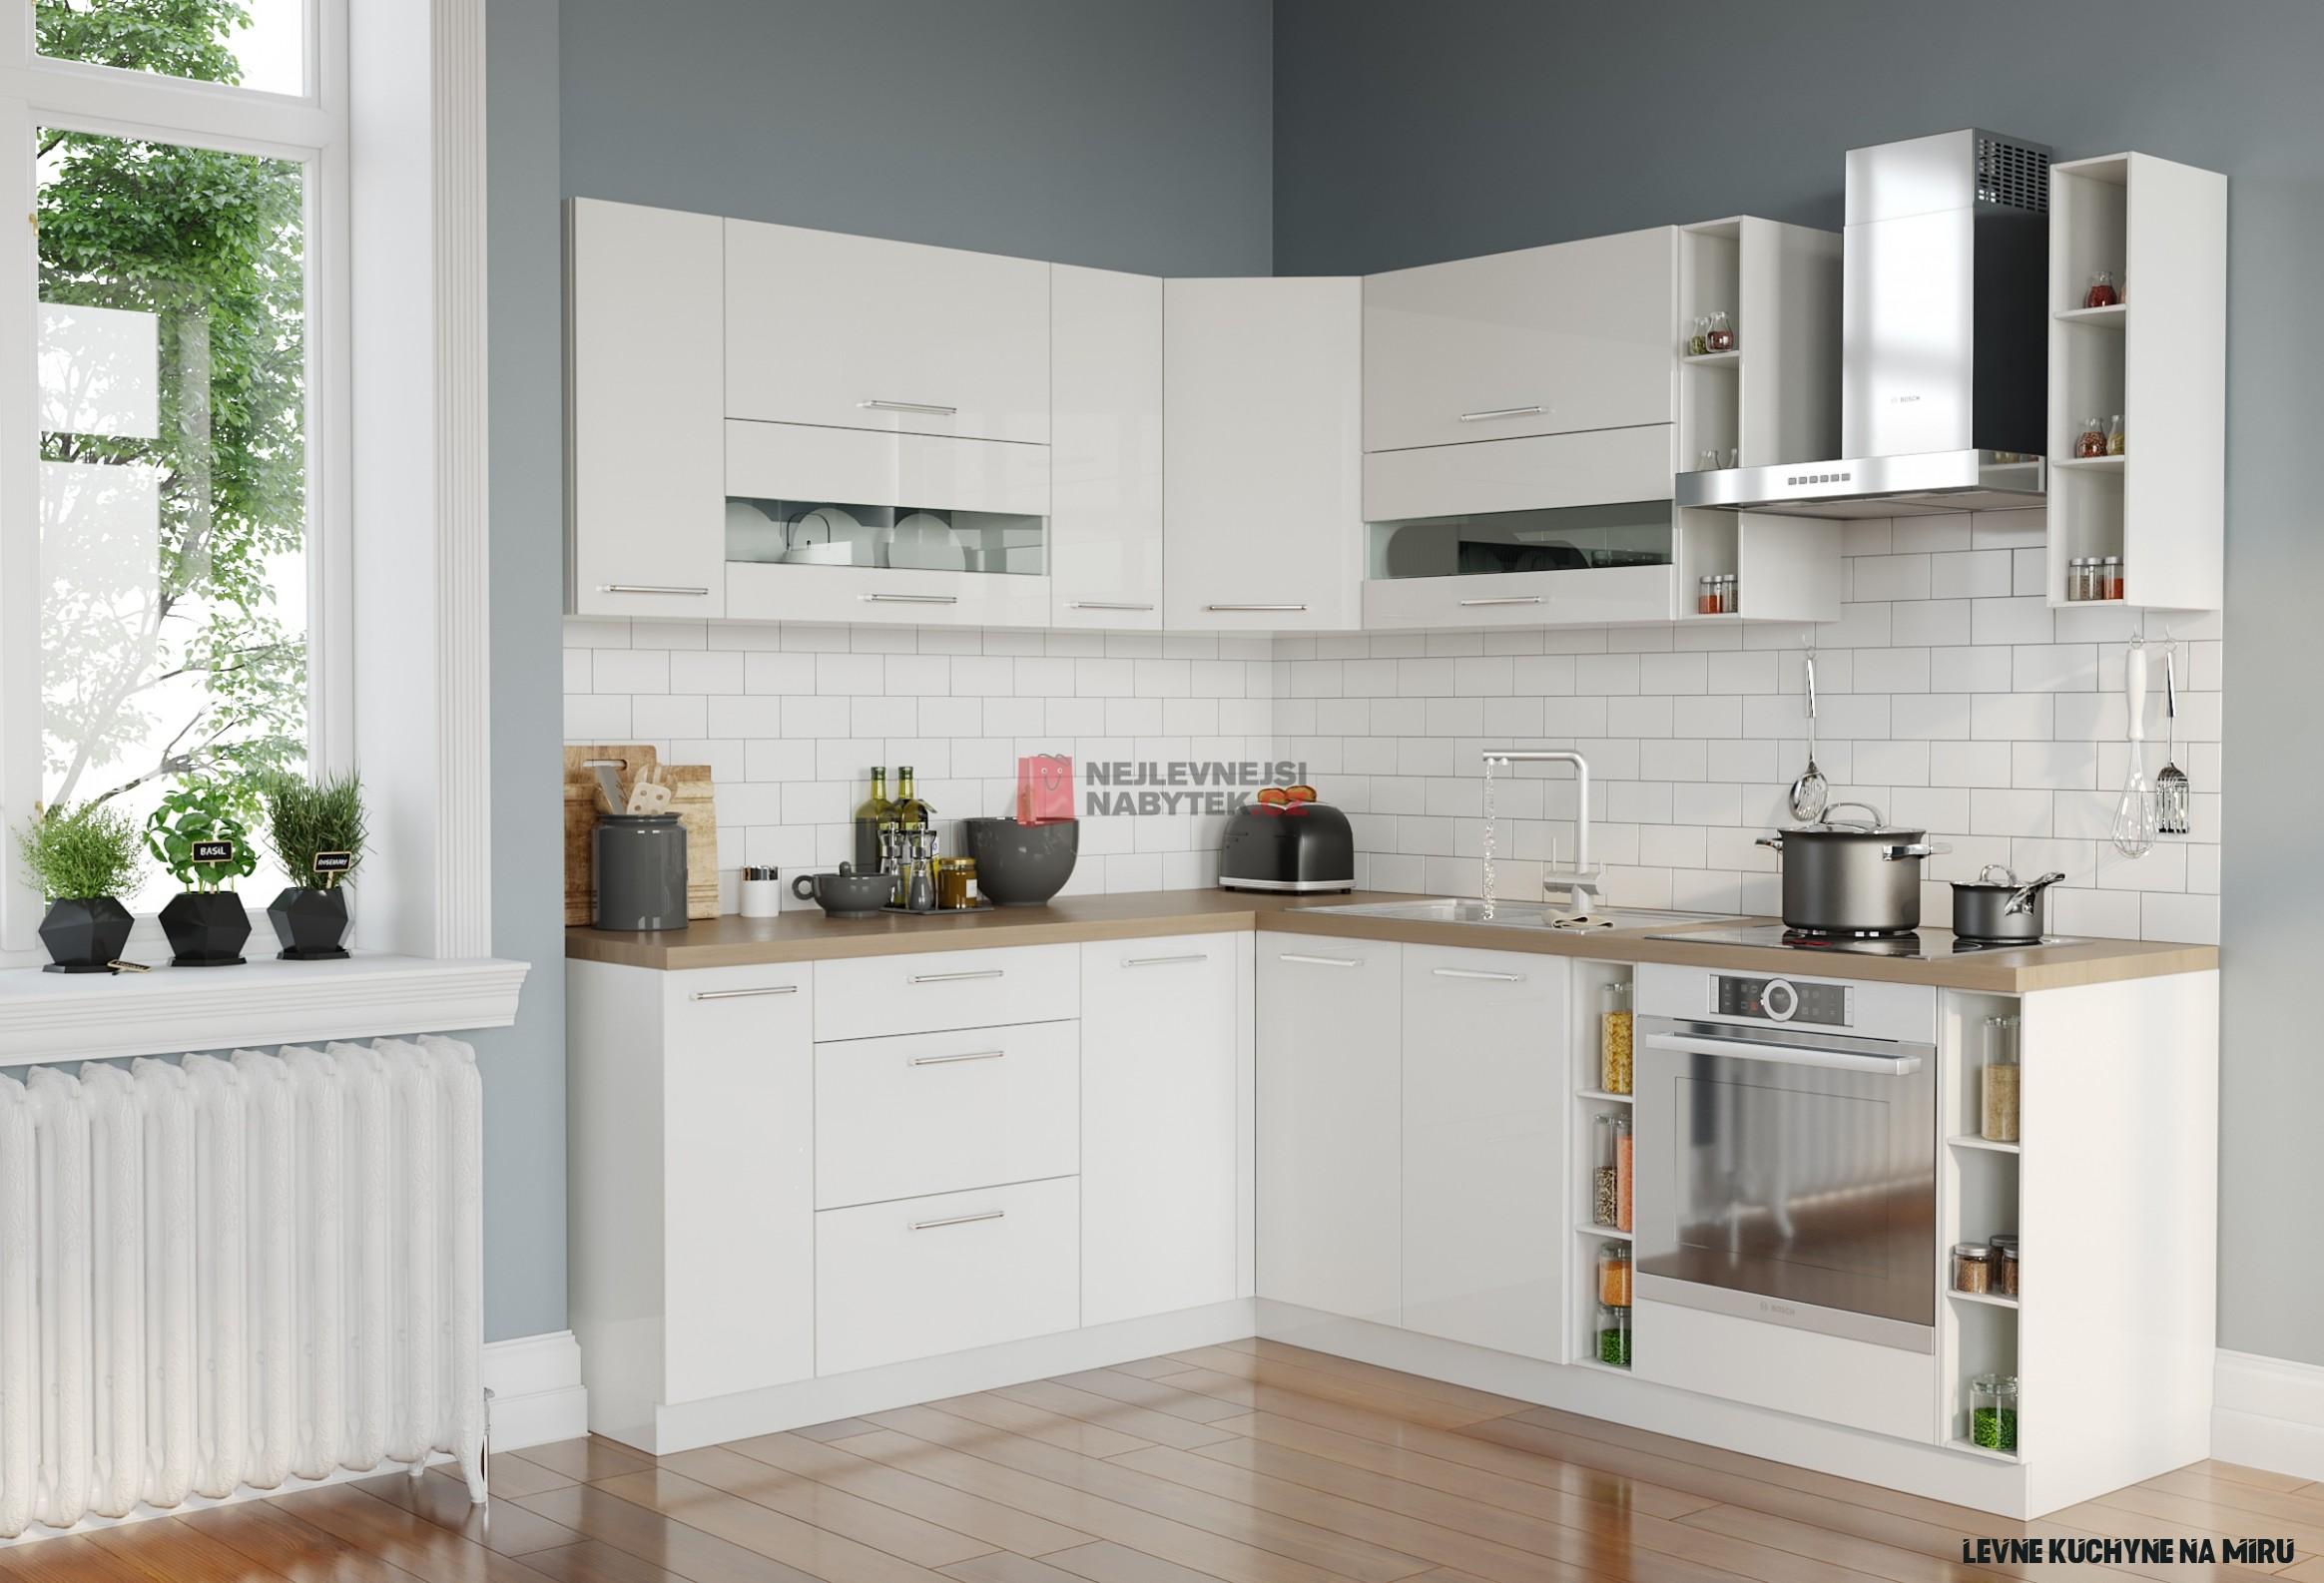 Rohová kuchyně COLBY 15x15, bílý lesk